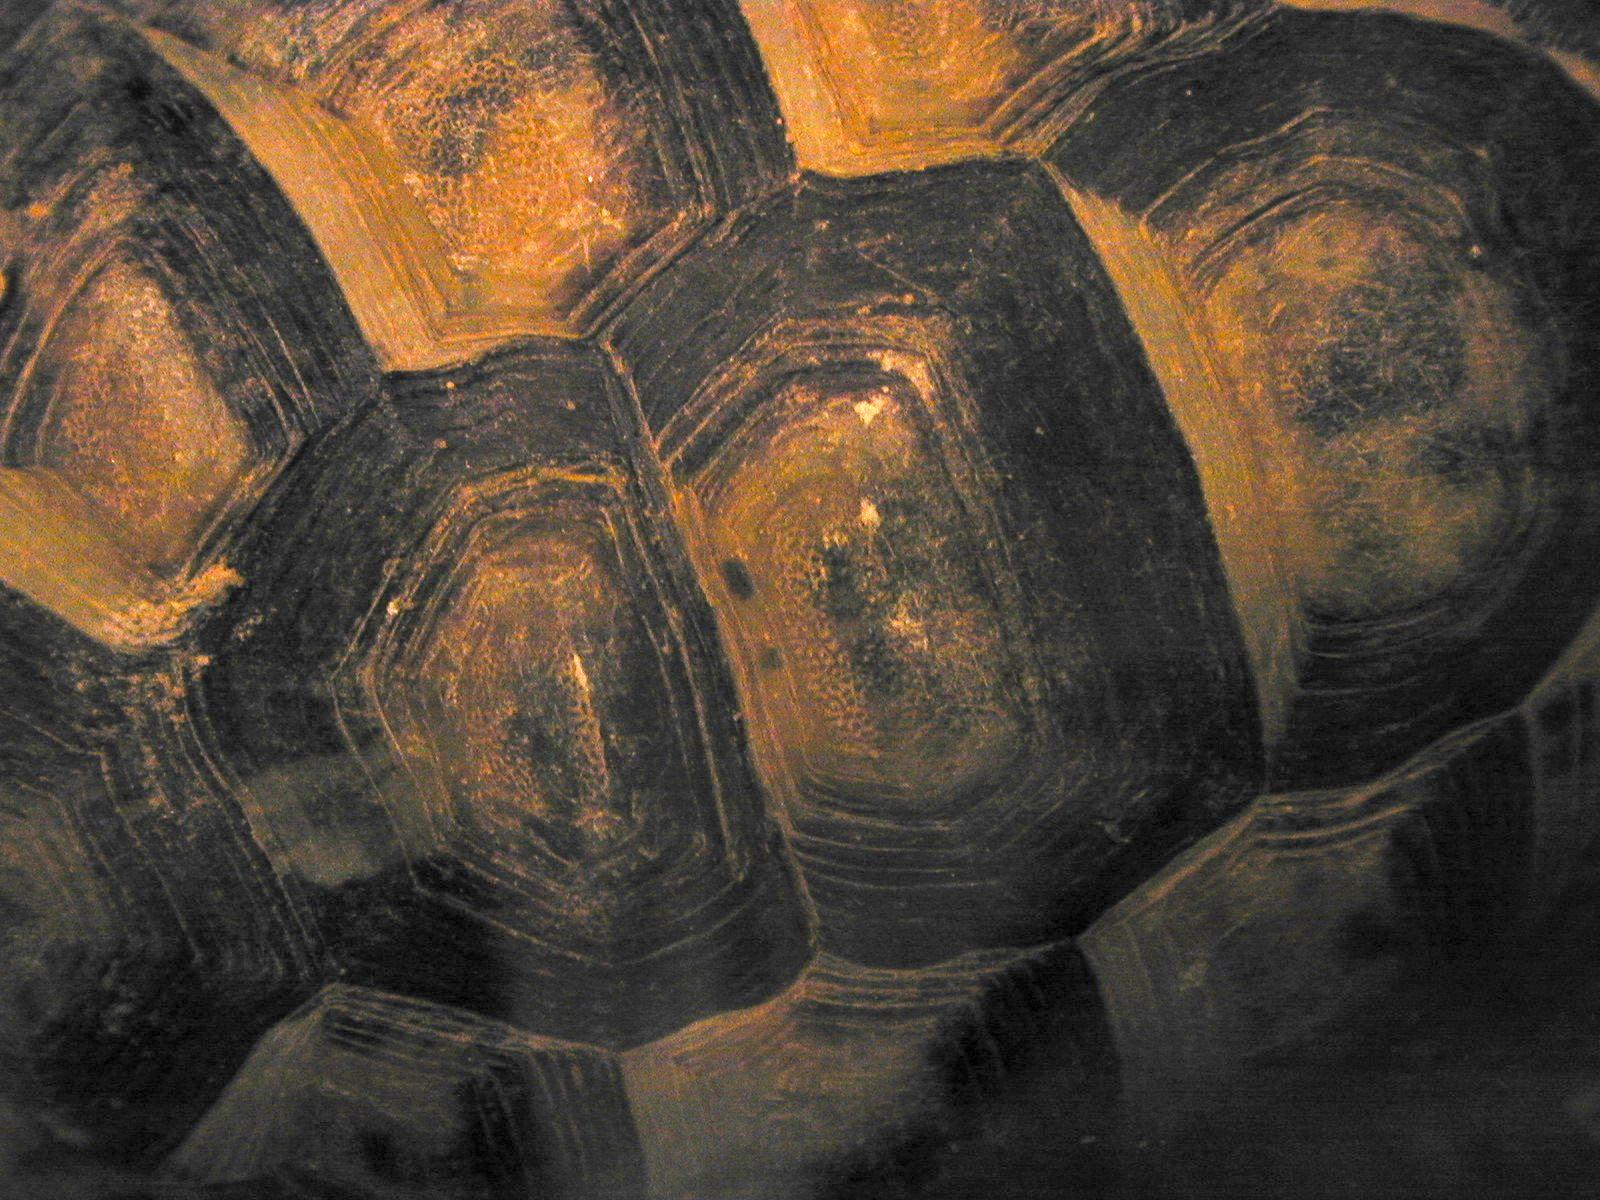 turtle shell pattern - HD1600×1200